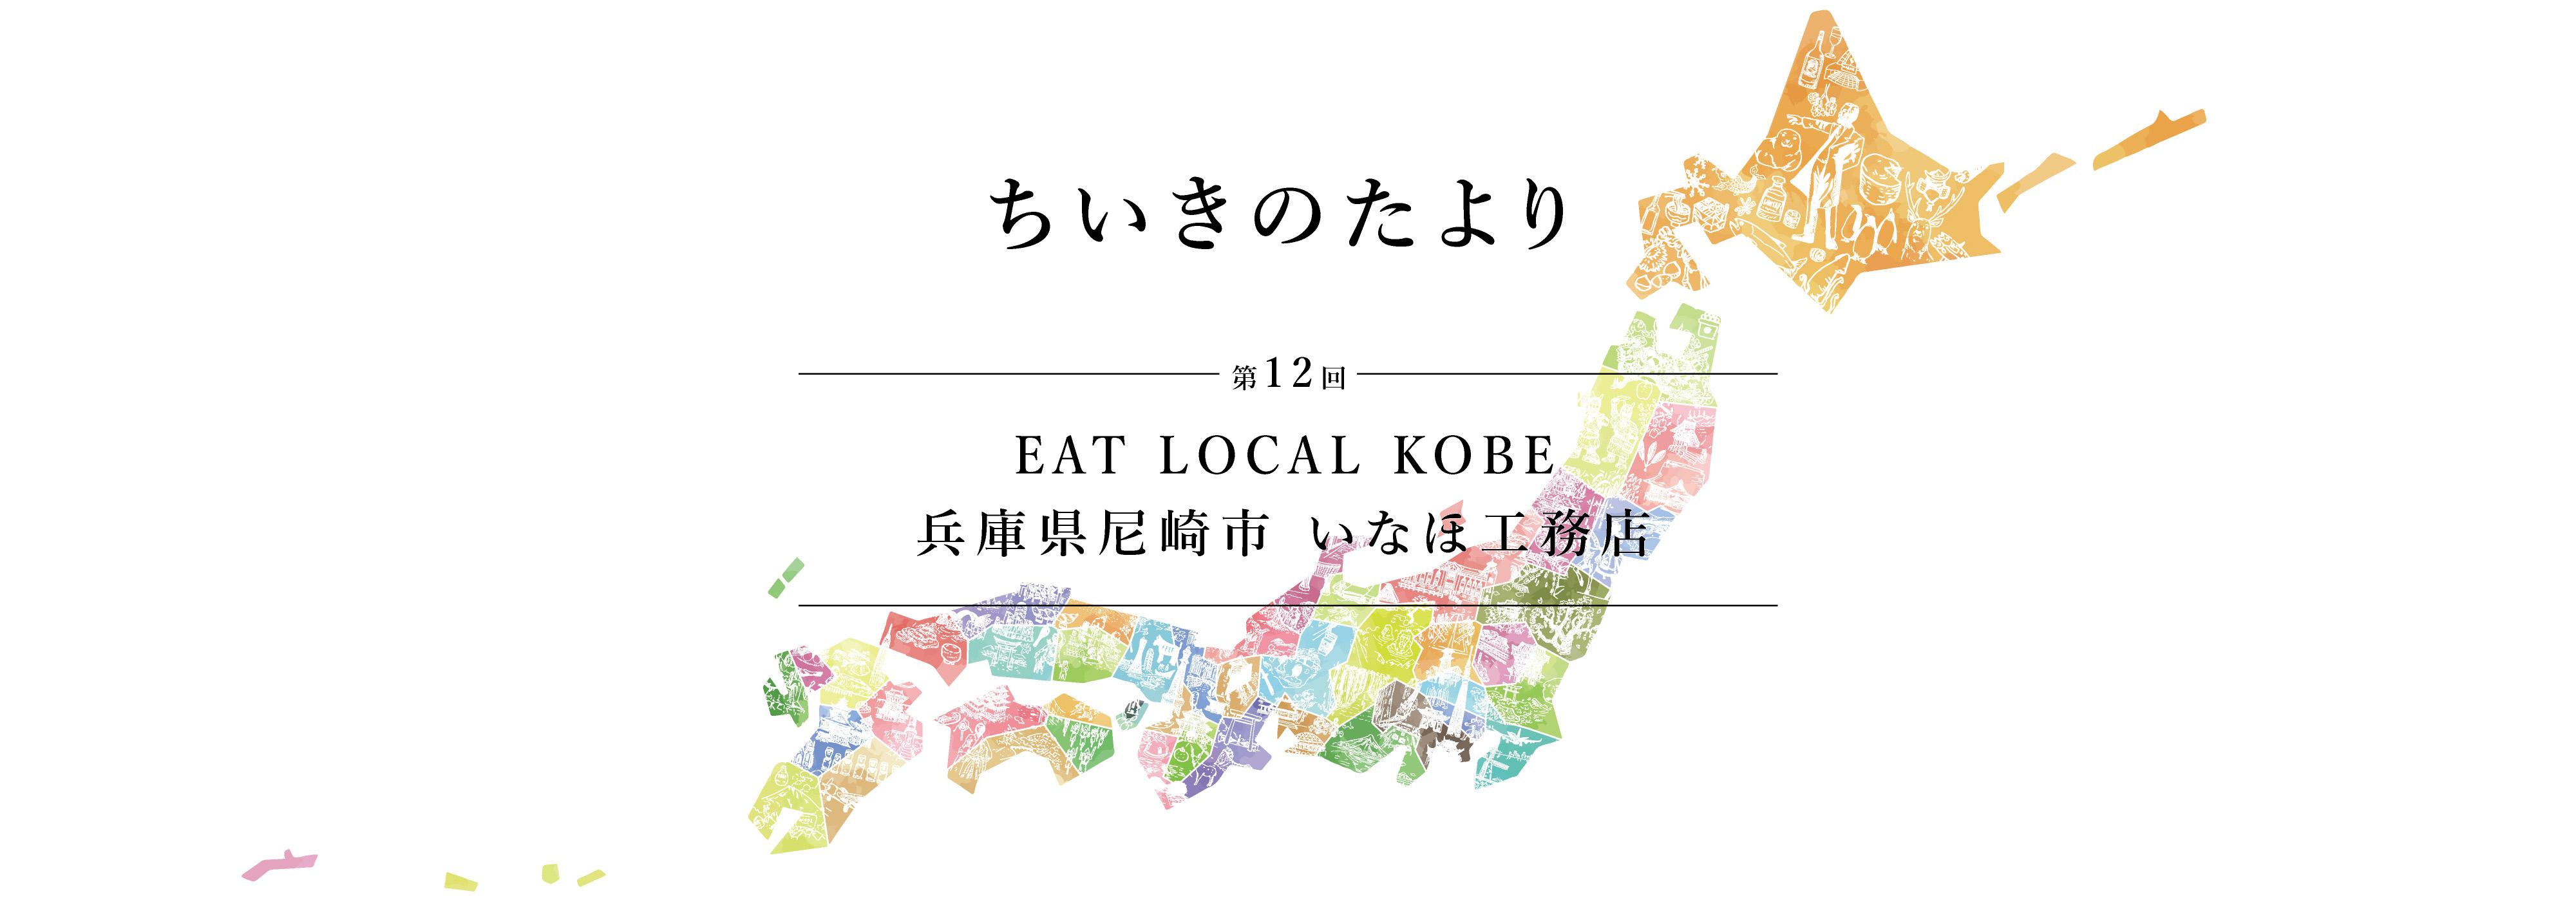 ちいきのたより第12話EAT LOCAL KOBE兵庫県尼崎市 いなほ工務店